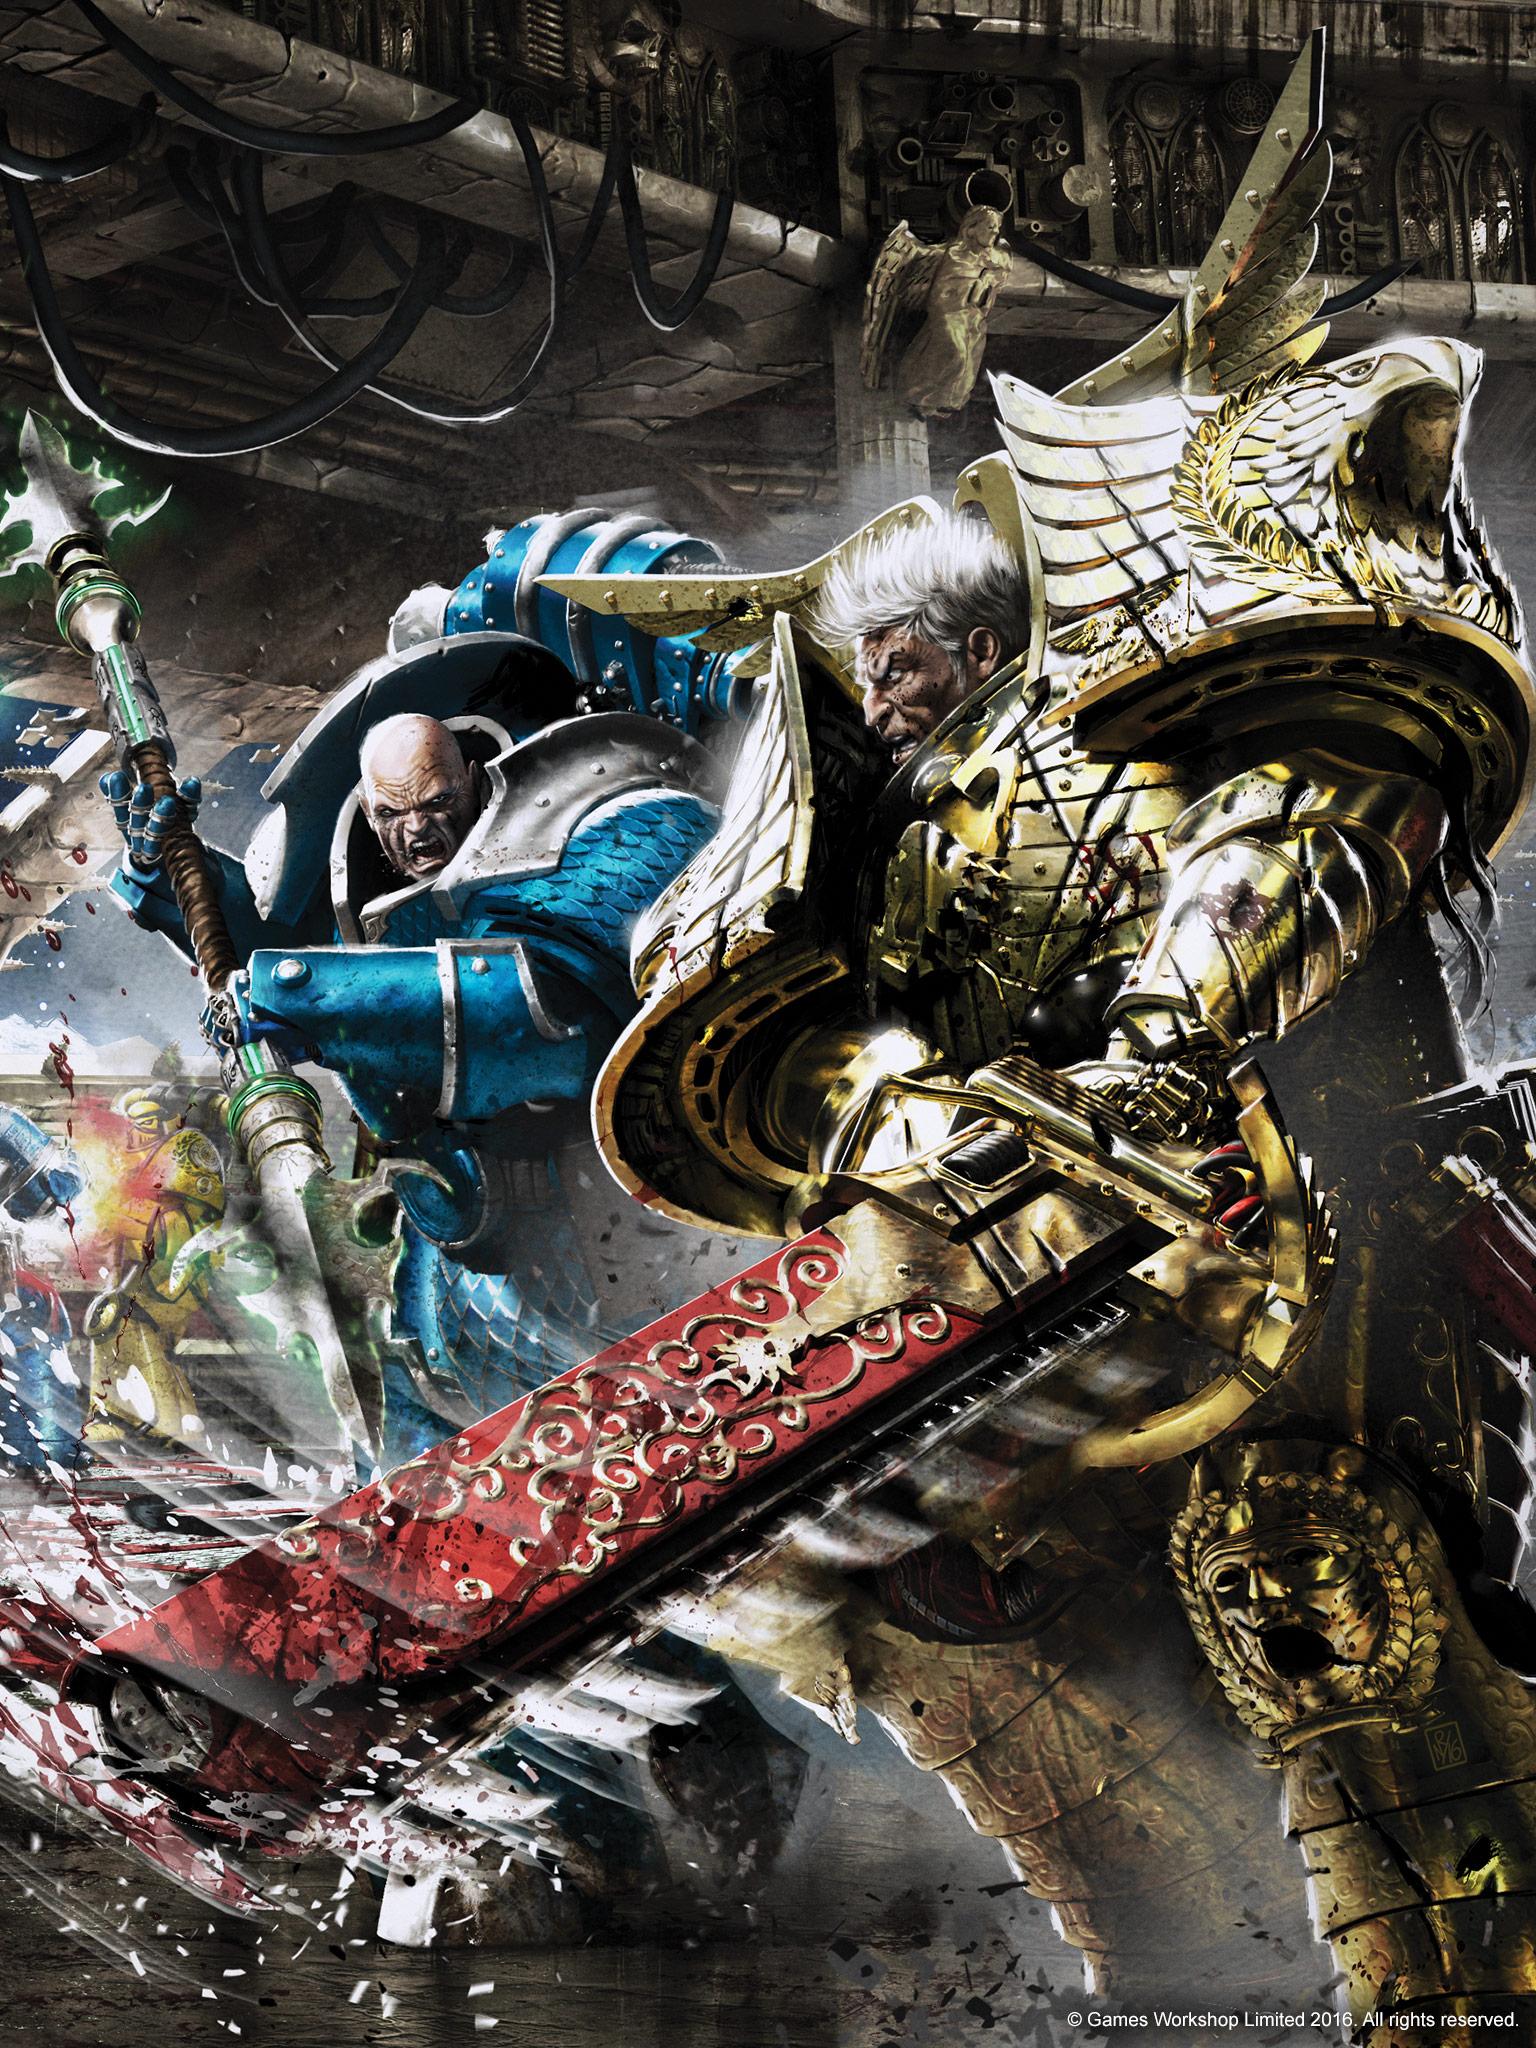 [W30K] Identification des personnages sur les artworks Warhammer-40000-%D1%84%D1%8D%D0%BD%D0%B4%D0%BE%D0%BC%D1%8B-Horus-Heresy-Rogal-Dorn-3128329